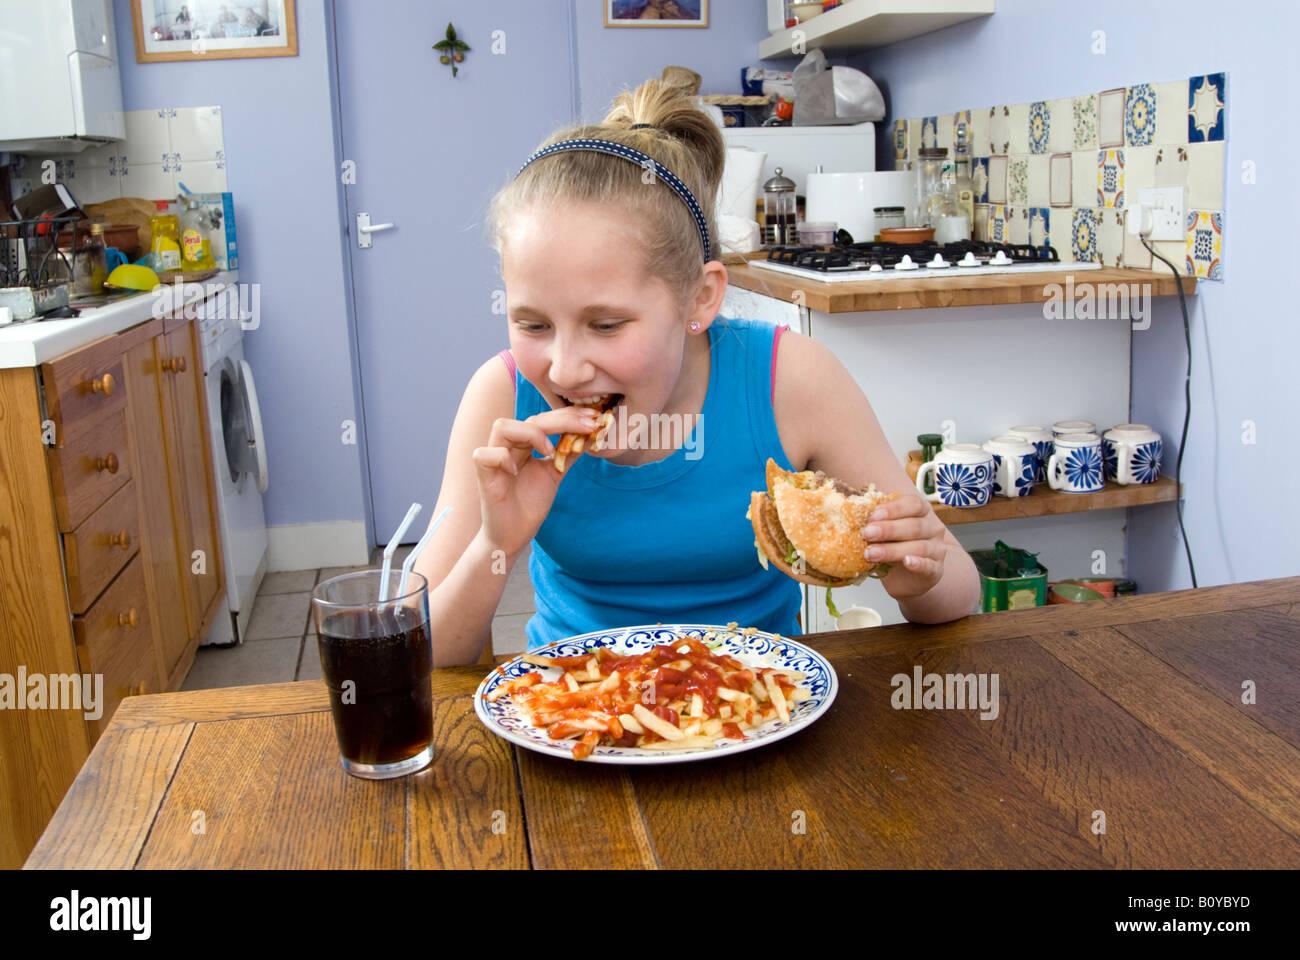 Girl eating junk food, England UK - Stock Image